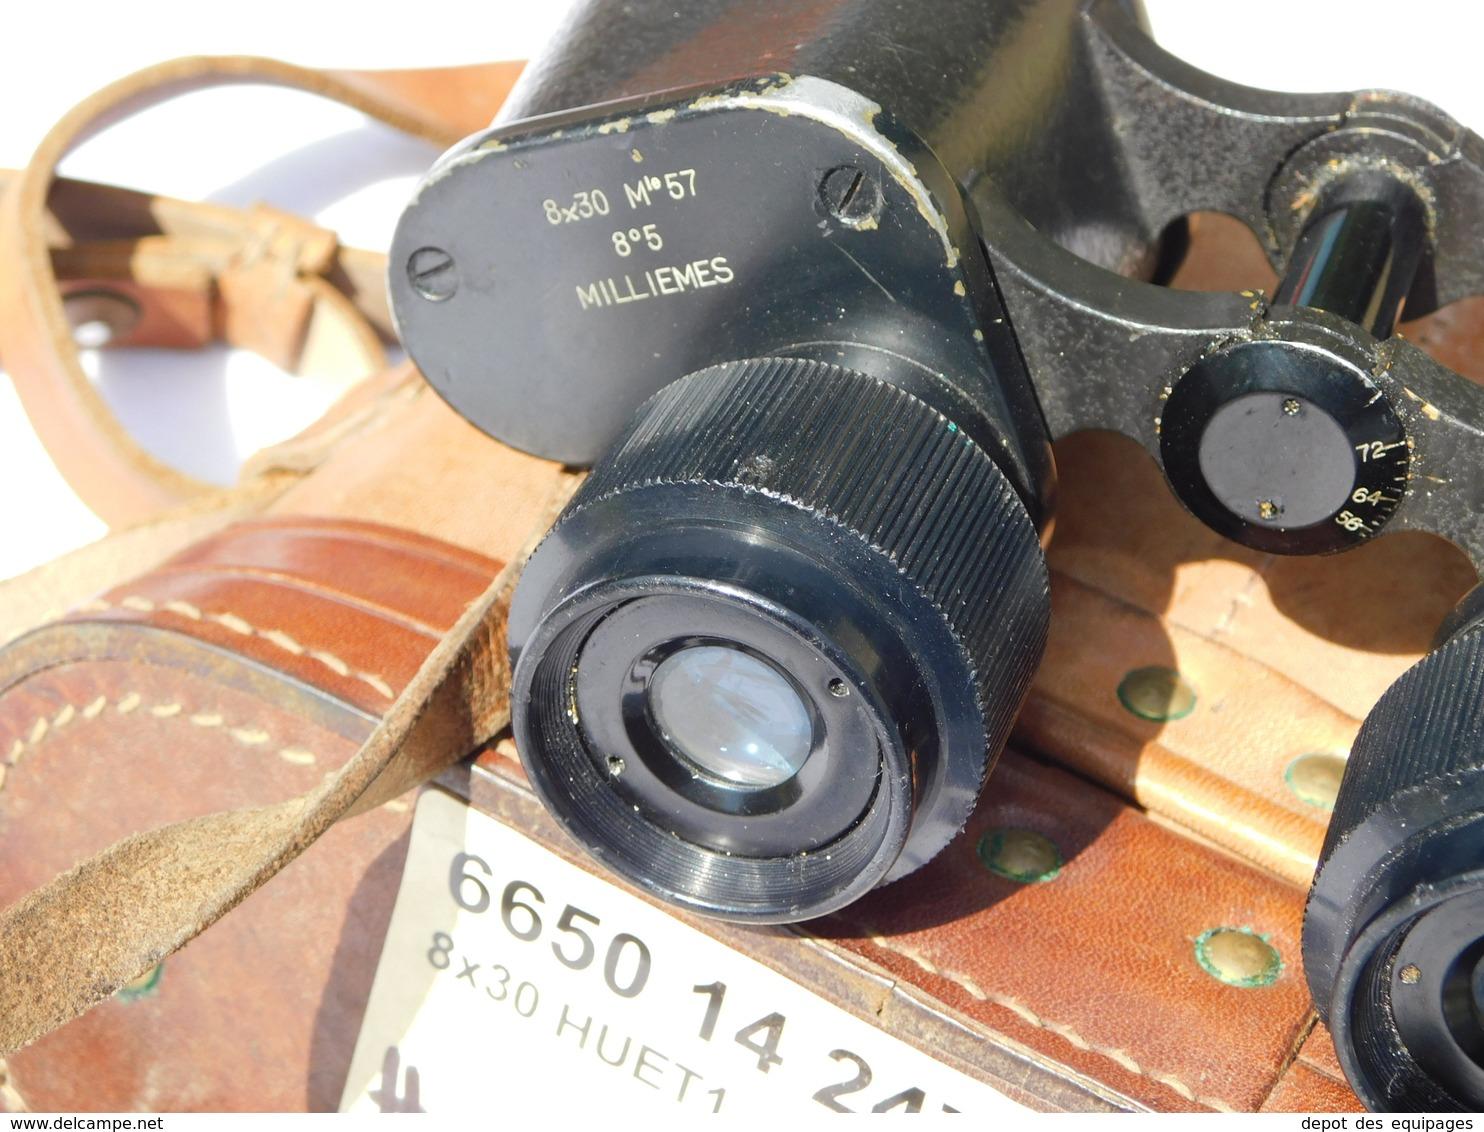 RARES JUMELLES HUET 8 X 30 MARINE FRANCAISE Modéle 1957 + ETUI CUIR Au Même Numéro #.250 - Optique